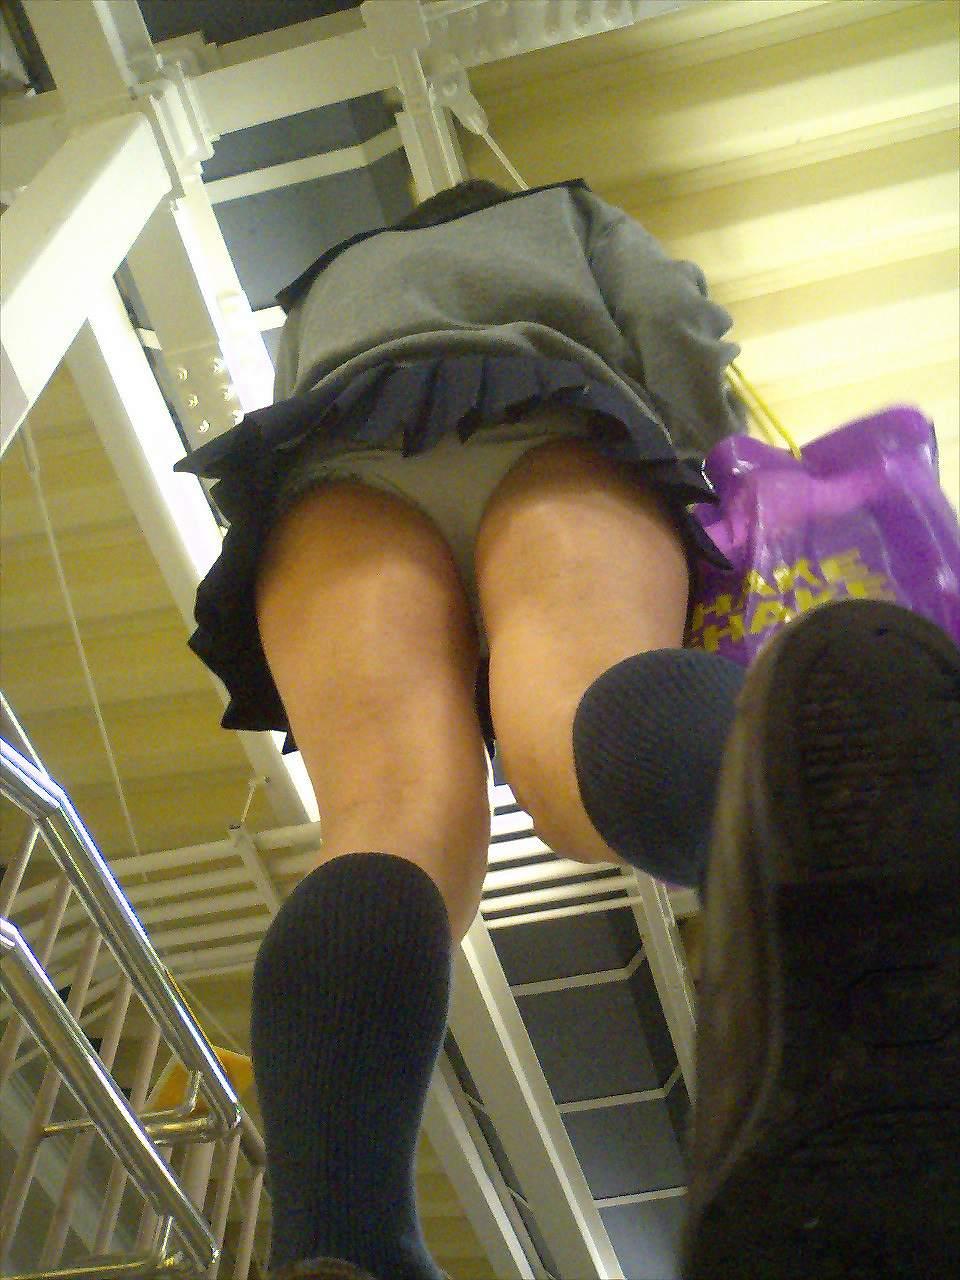 【ローアングルJkエ□画像】超低空…ローアングルから撮った女子●生の下半身がど迫力な隠し撮り画像